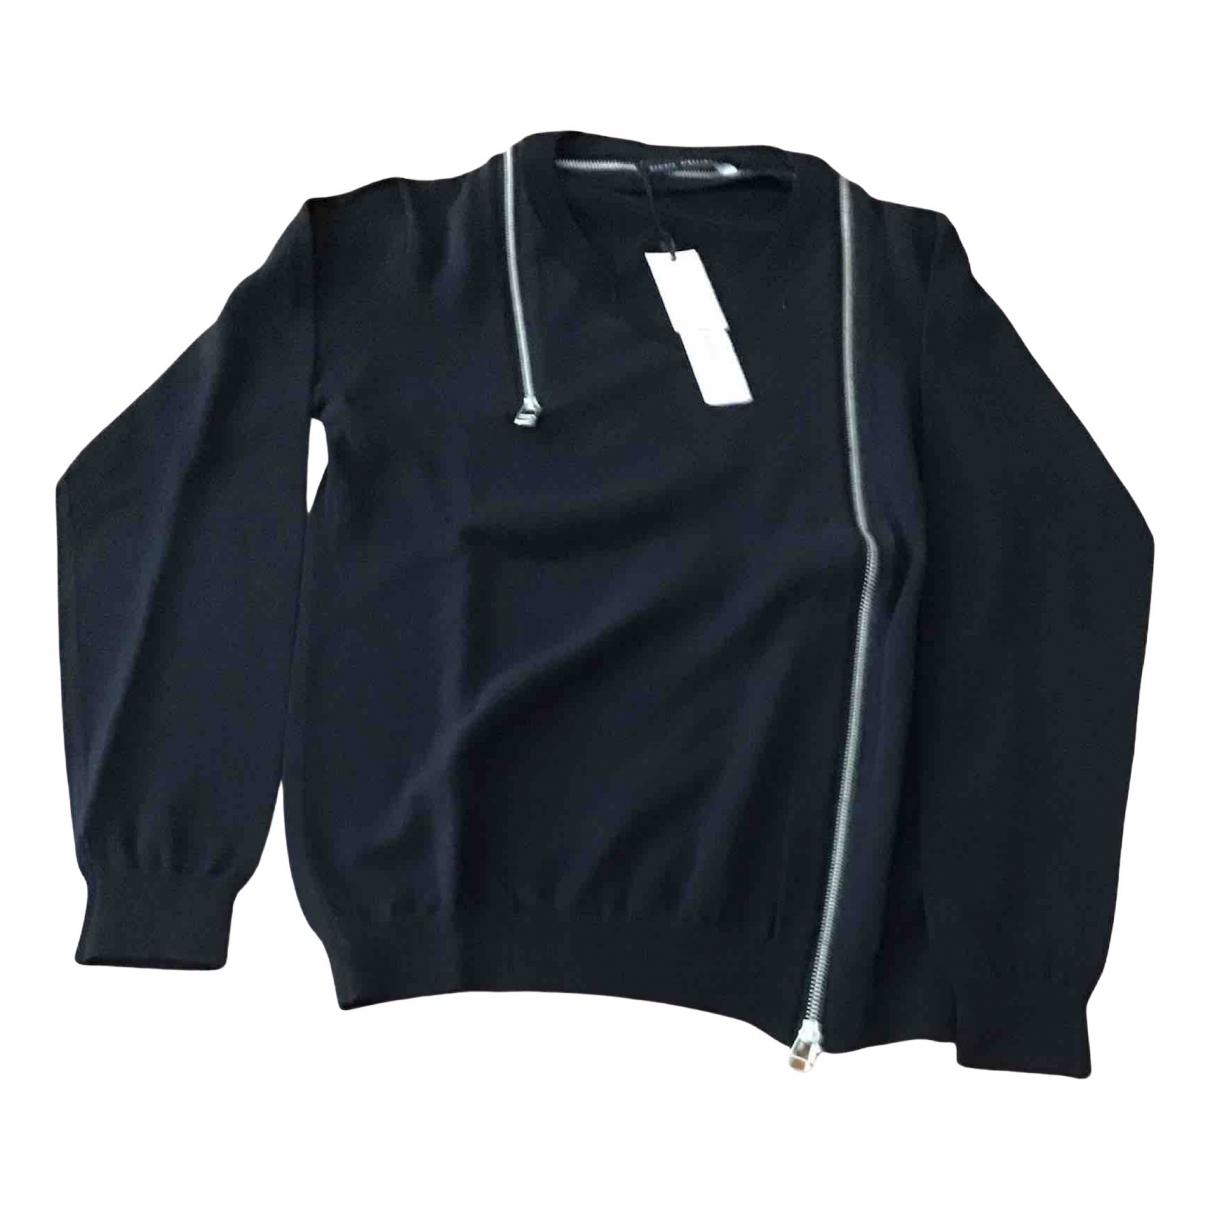 Daniele Alessandrini N Black Cotton Knitwear & Sweatshirts for Men 46 IT